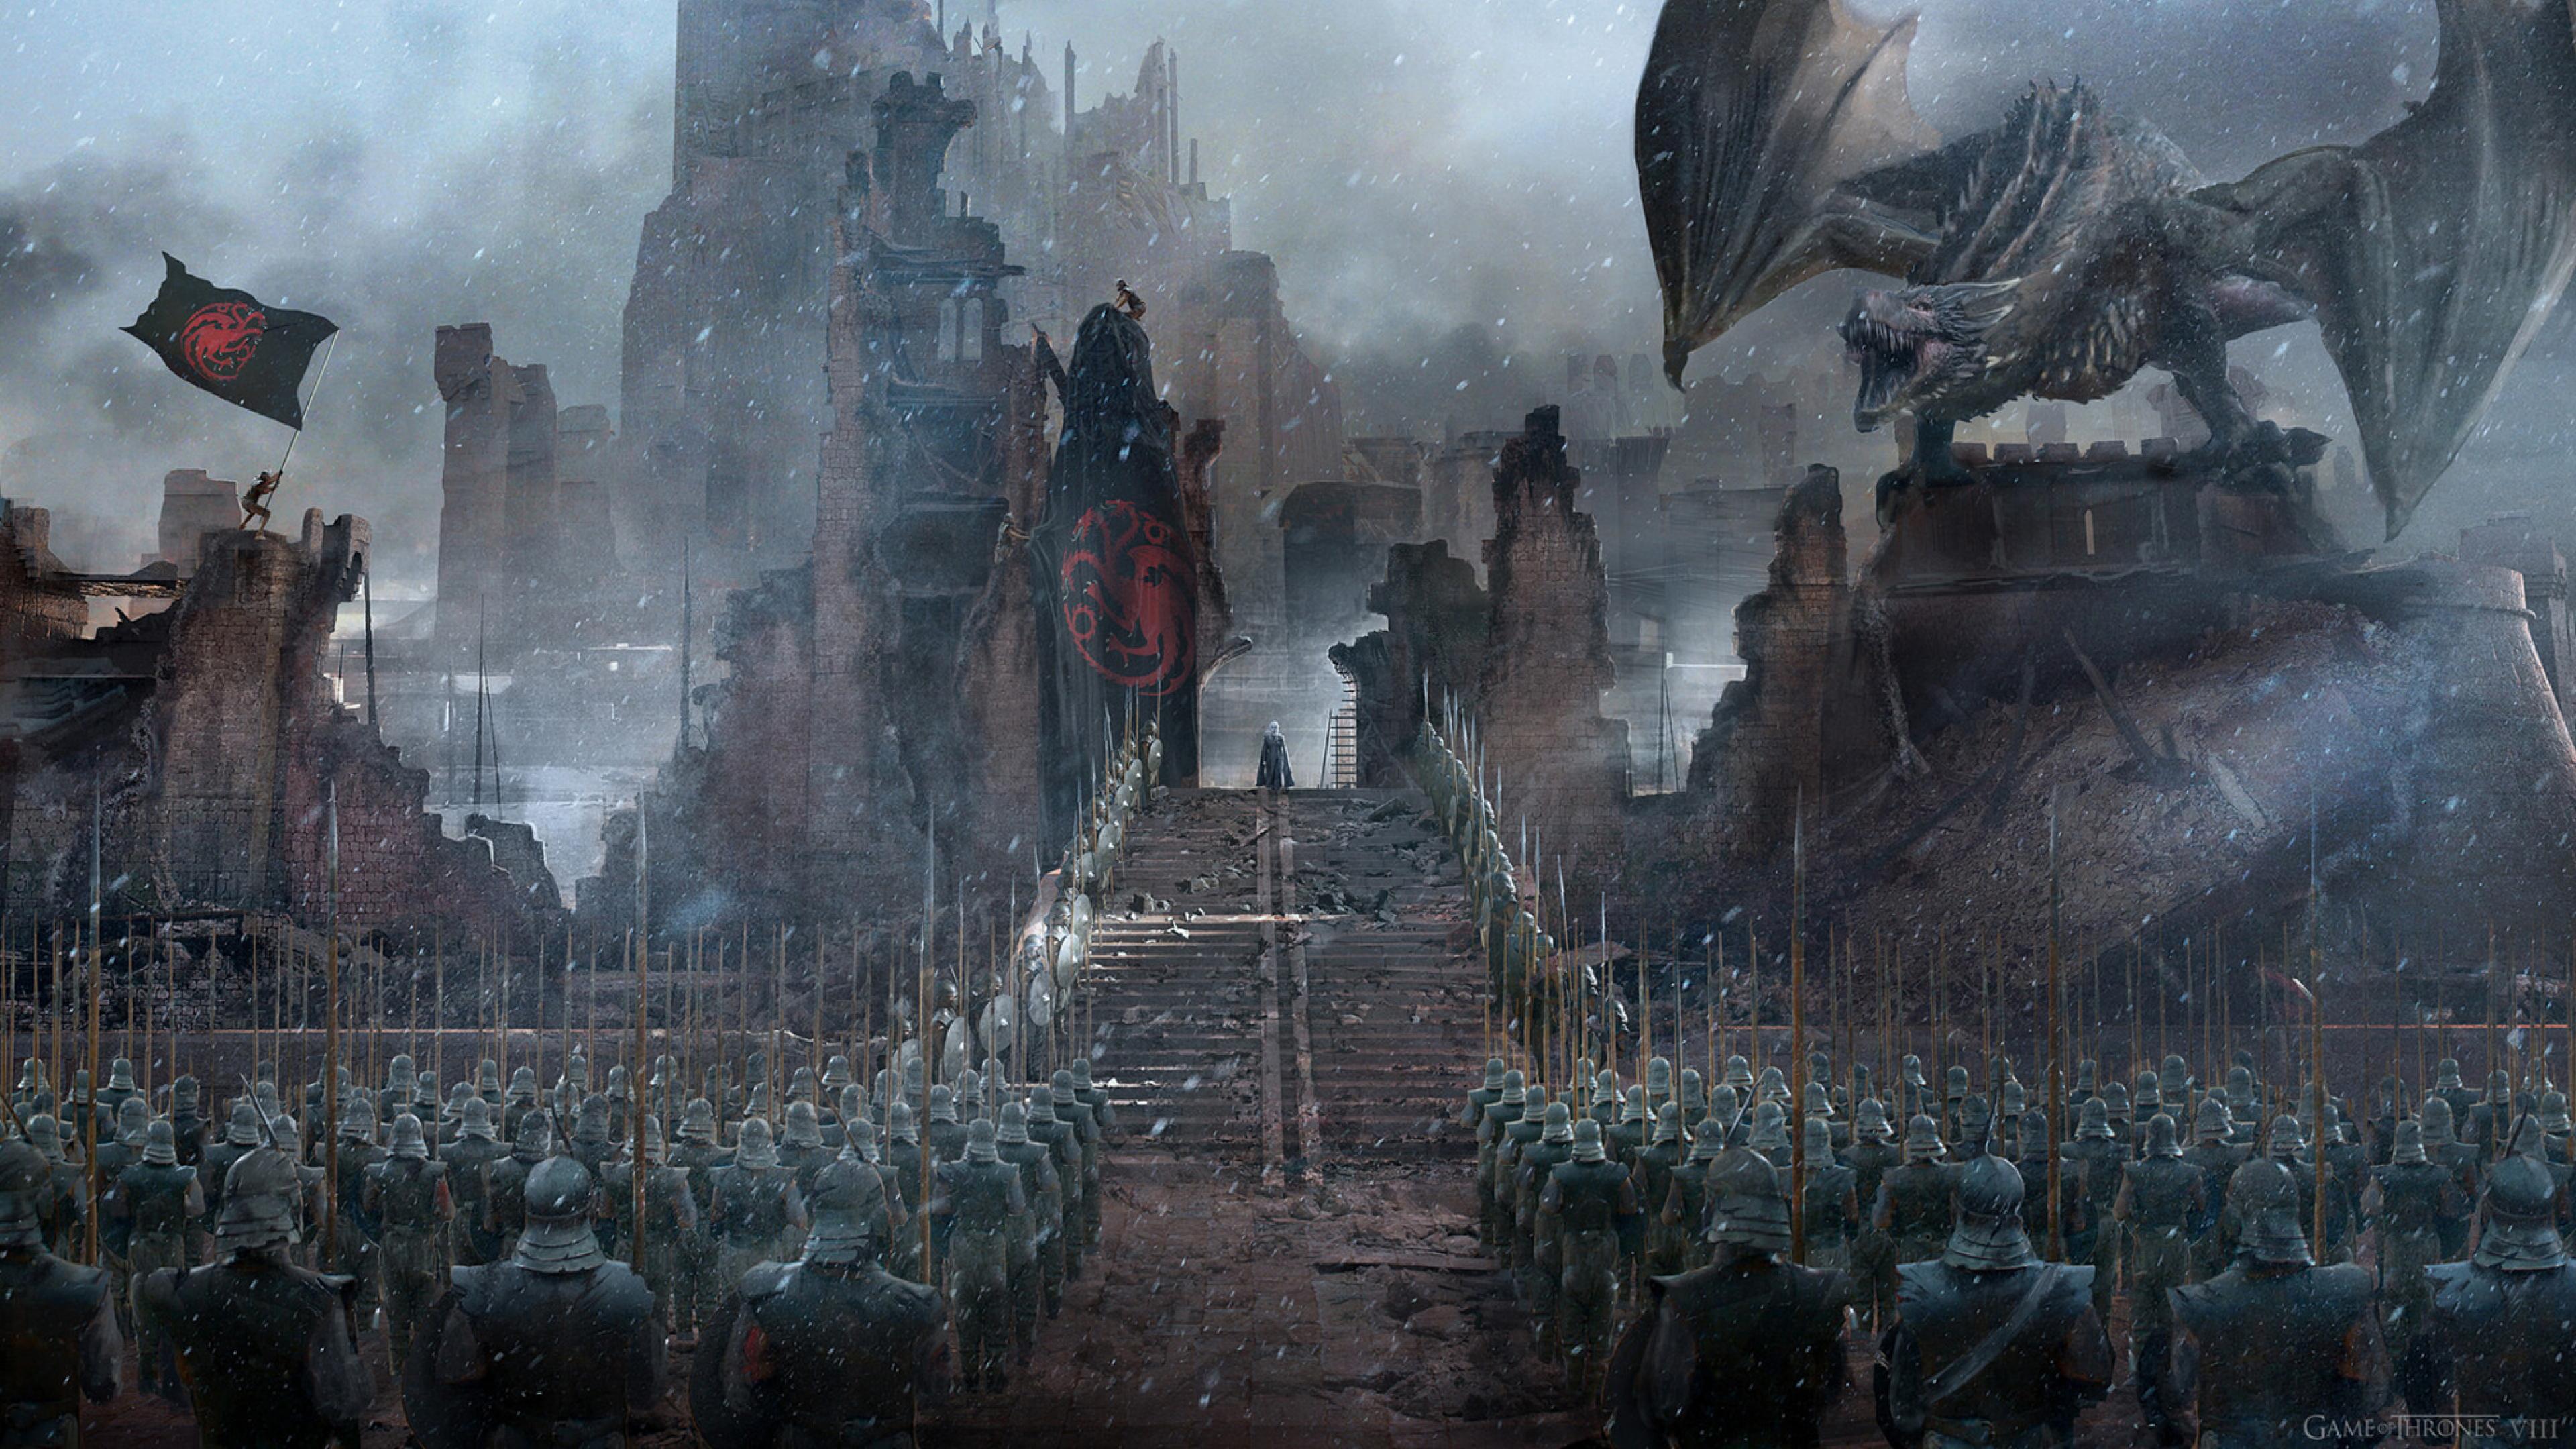 3840x2160 Daenerys Targaryen Final Episode 4k Wallpaper Hd